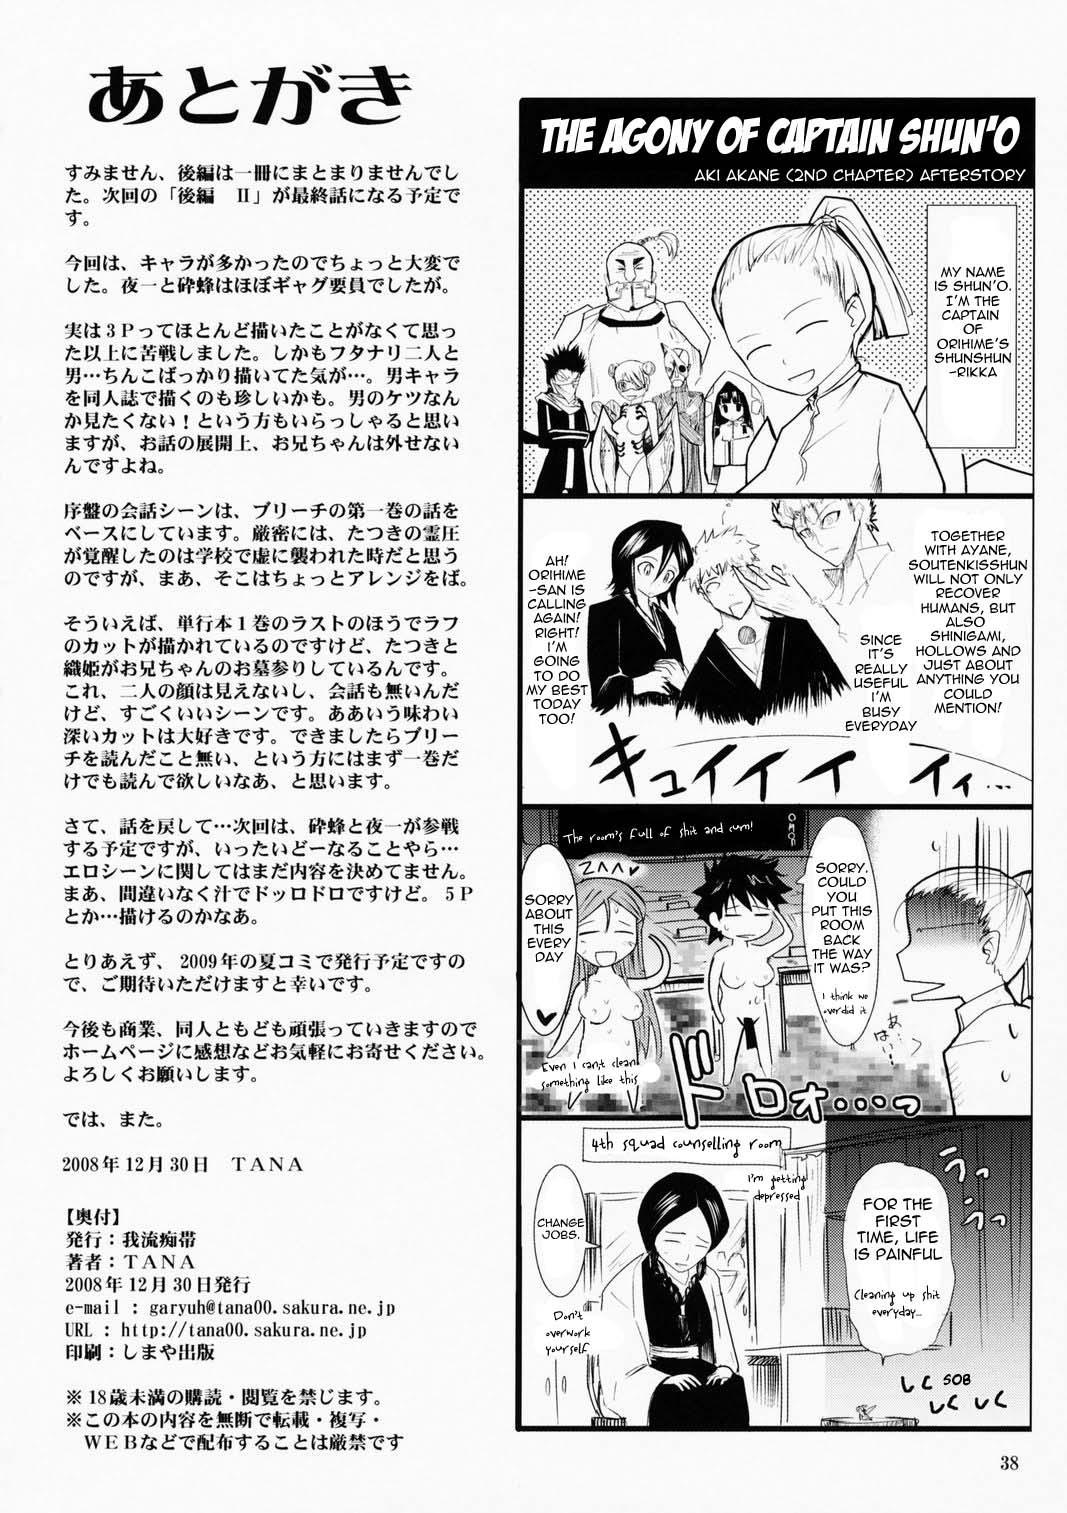 (C75) [Garyuh Chitai (TANA)] Aki-Akane -Sequel 1- (Bleach) [English] 36